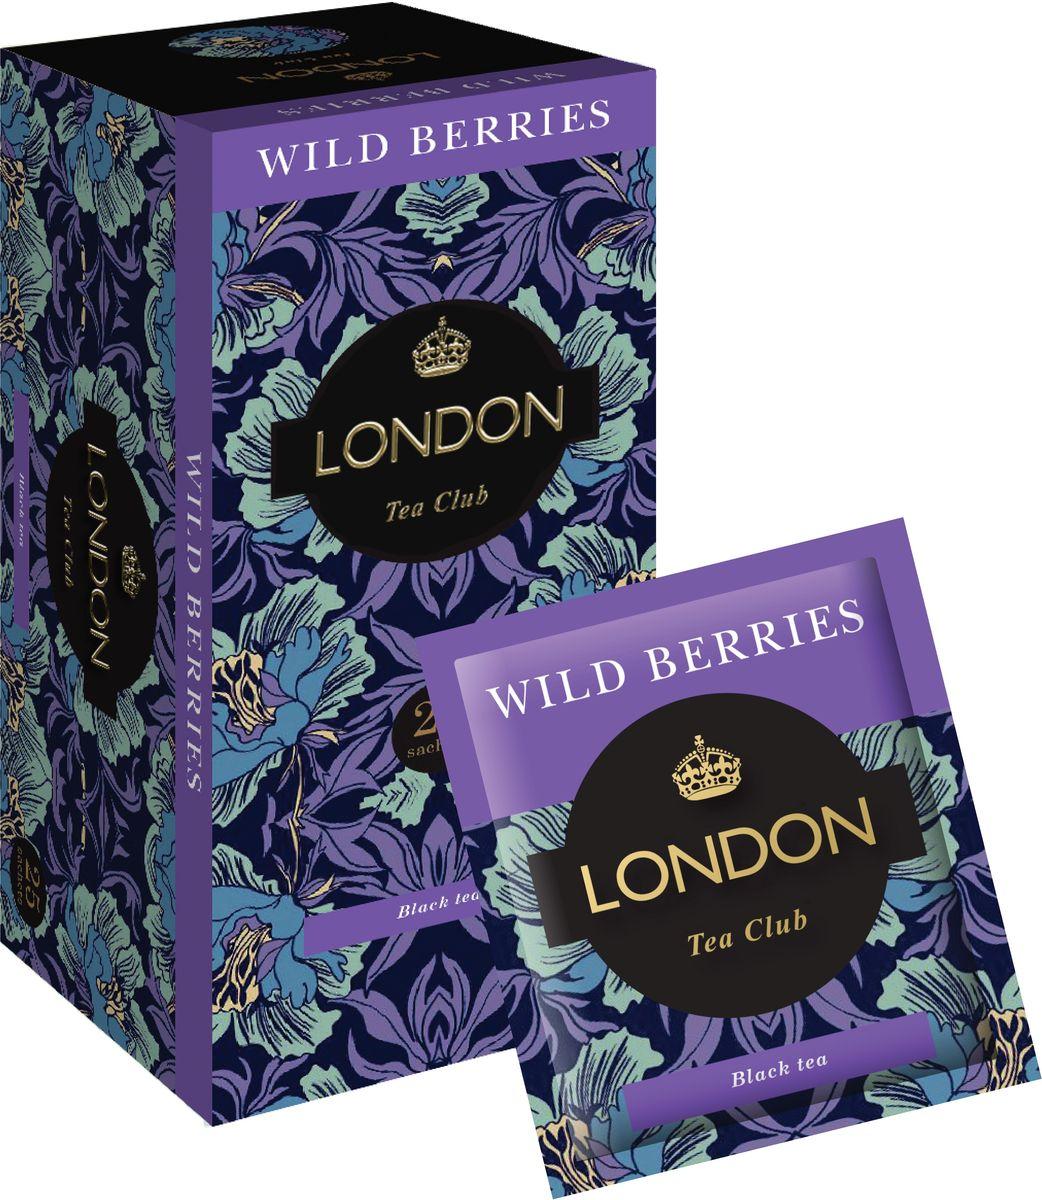 London Tea Club Лесные ягоды чай черный в пакетиках, 25 шт4607051543096Ароматная смесь черного чая и цельных лесных ягод, которые придают напитку особый ягодный вкус. Этот благоухающий чай создает приятное летнее настроение, прекрасно восстанавливает силы.